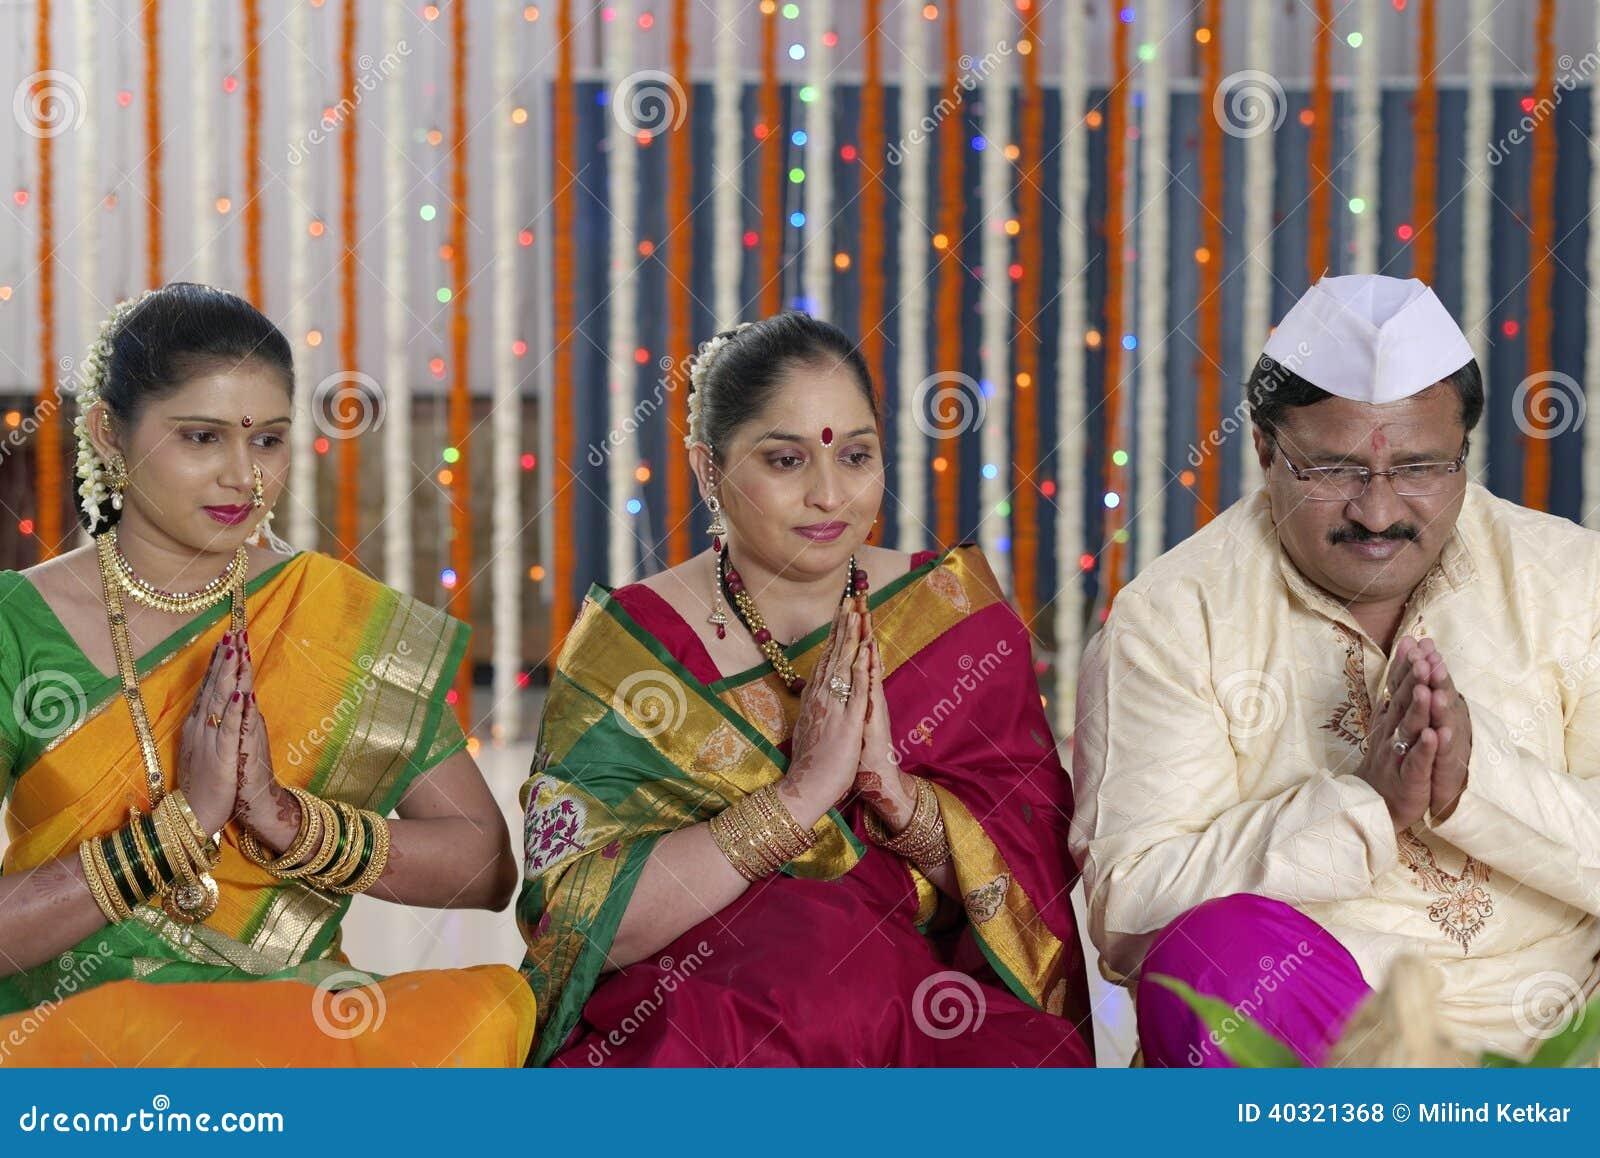 Indische Hindoese huwelijksrituelen